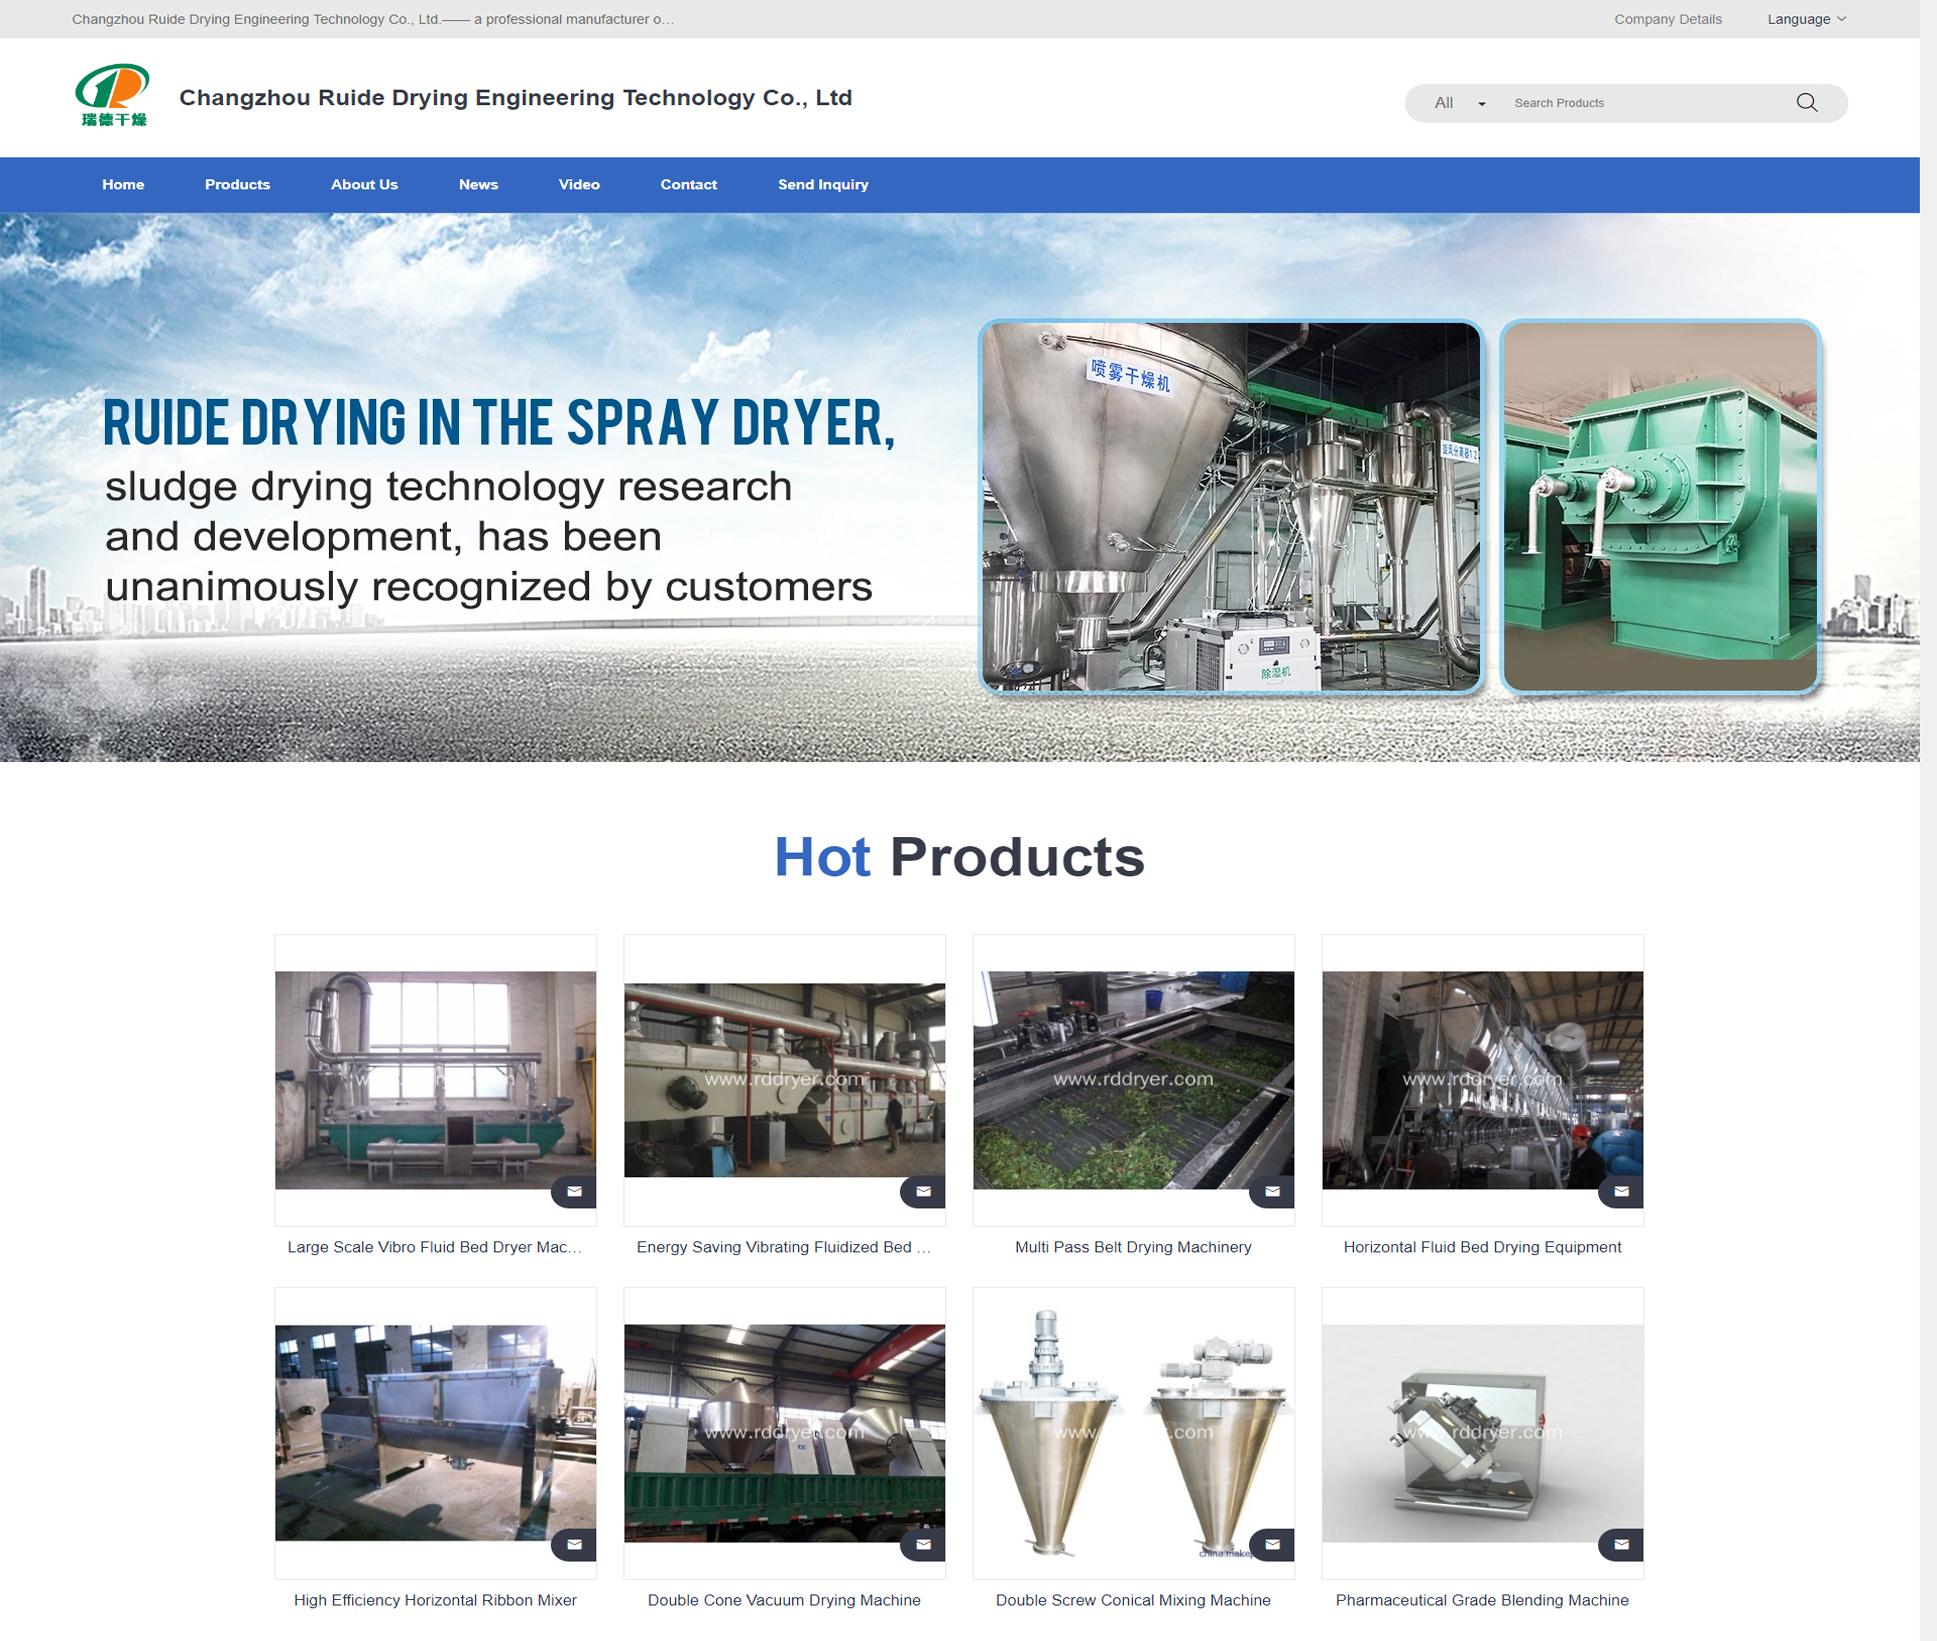 常州苏力干燥设备有限公司